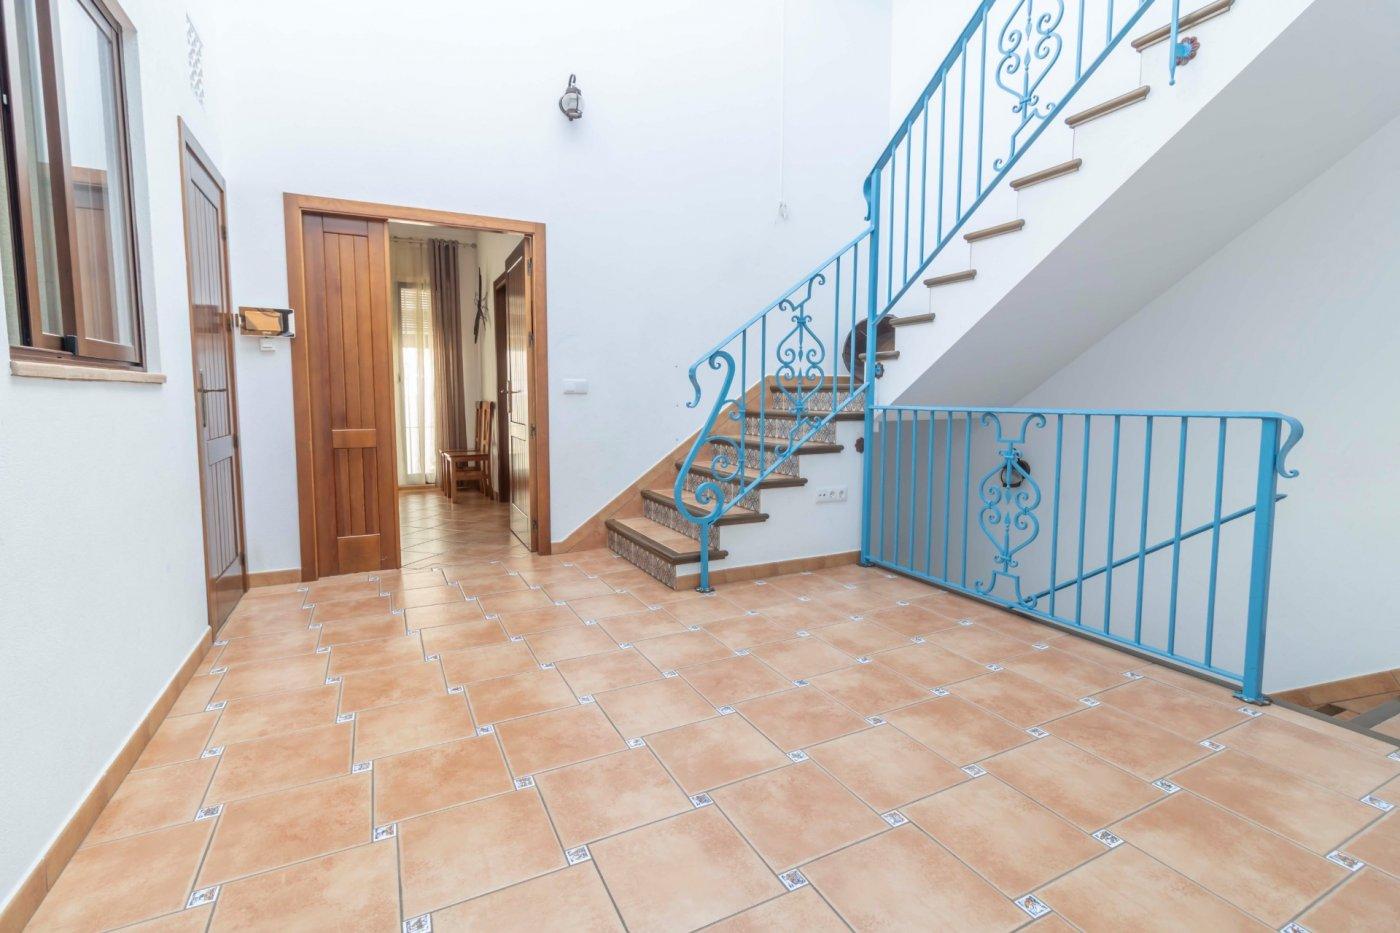 Casa de reciente construccion a la venta en carmona - imagenInmueble32